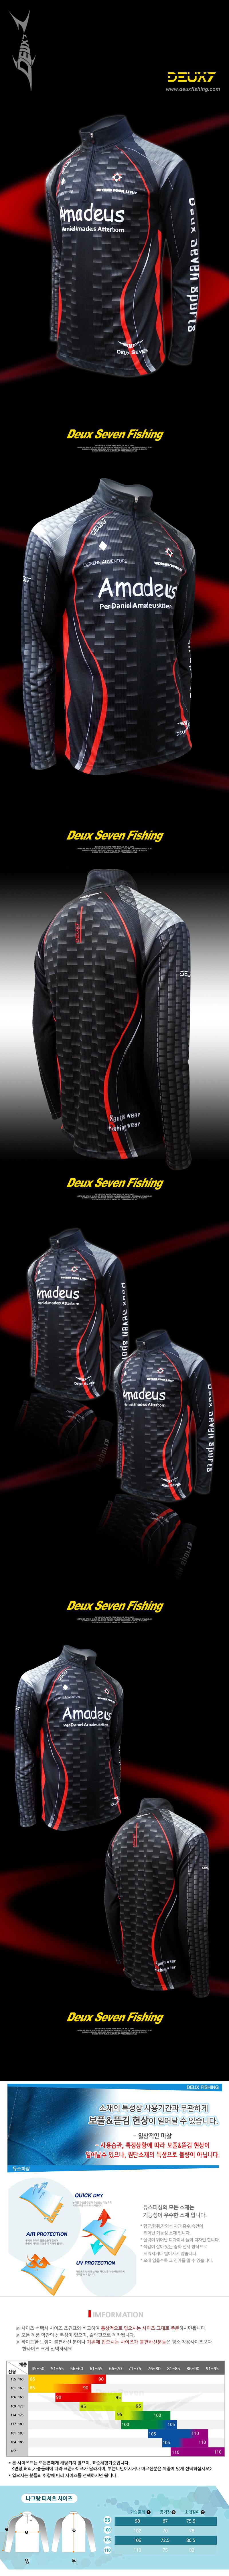 듀스세븐 기능성 낚시 티셔츠 QDT-725(ATB100소재) 단체복 팀복 낚시티 낚시티셔츠 티셔츠 아마데우스 배스 쏘가리 꺽지 루어 루어낚시 낚시